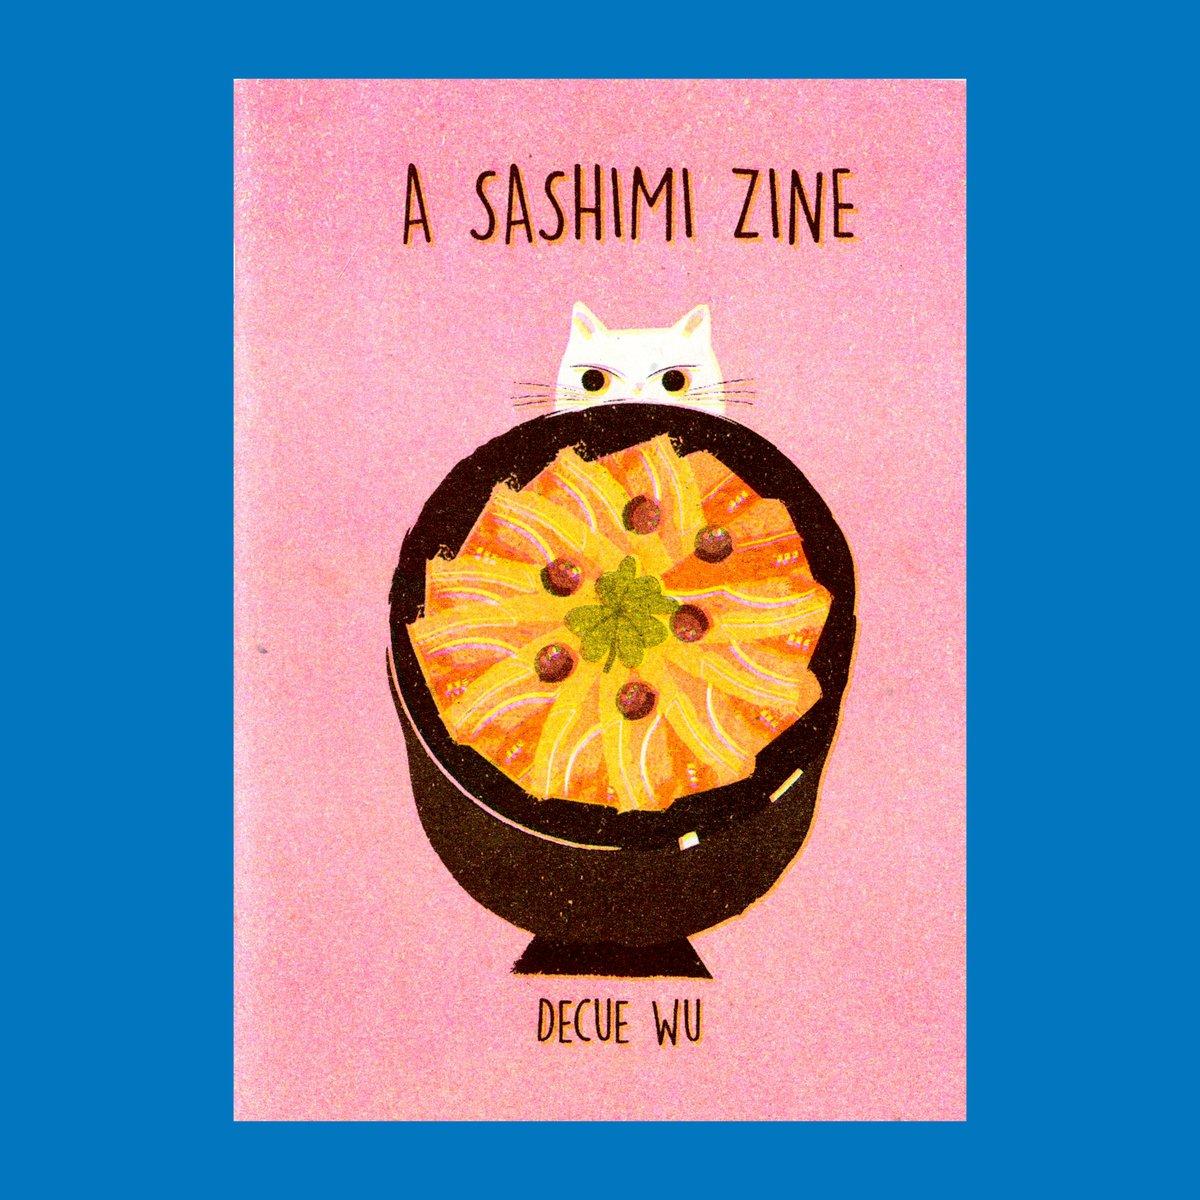 Image of A Sashimi Zine